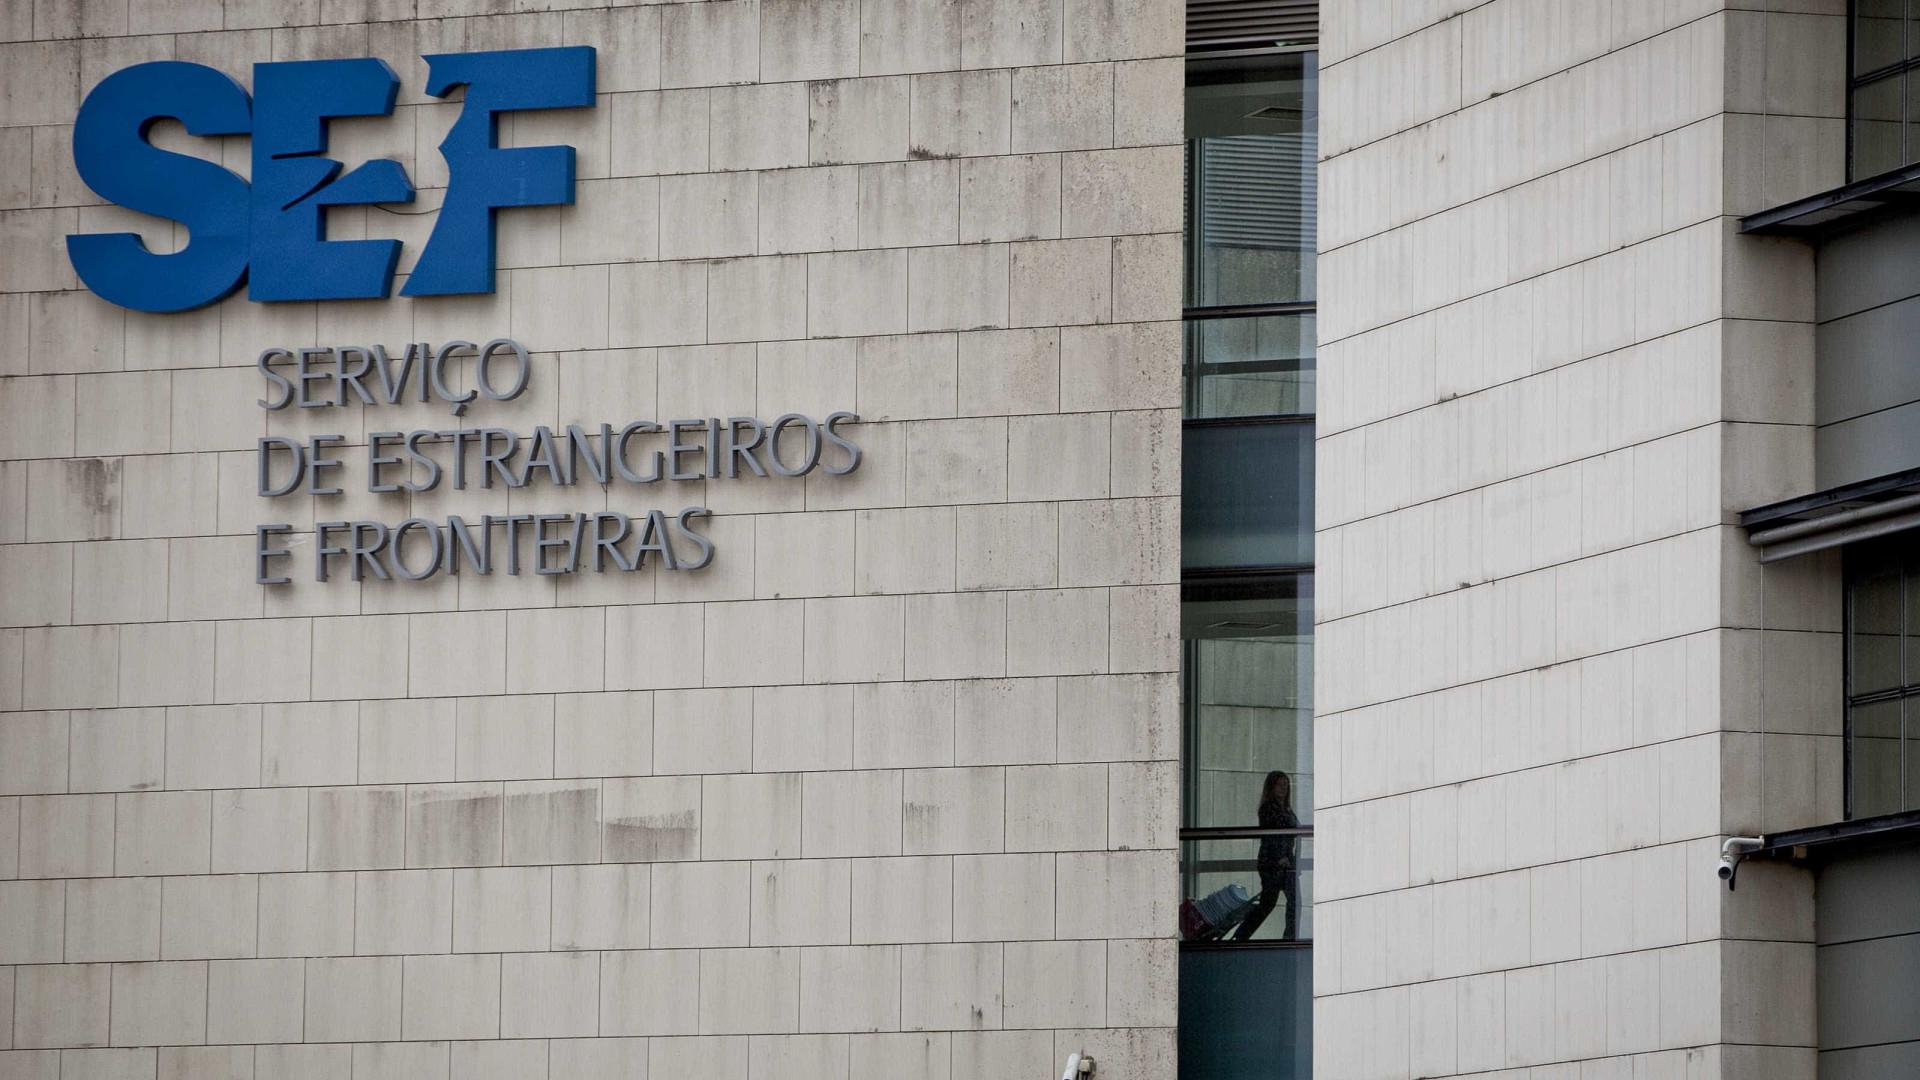 SEF desconvoca greve após compromisso do Governo na contratação de 100 inspectores